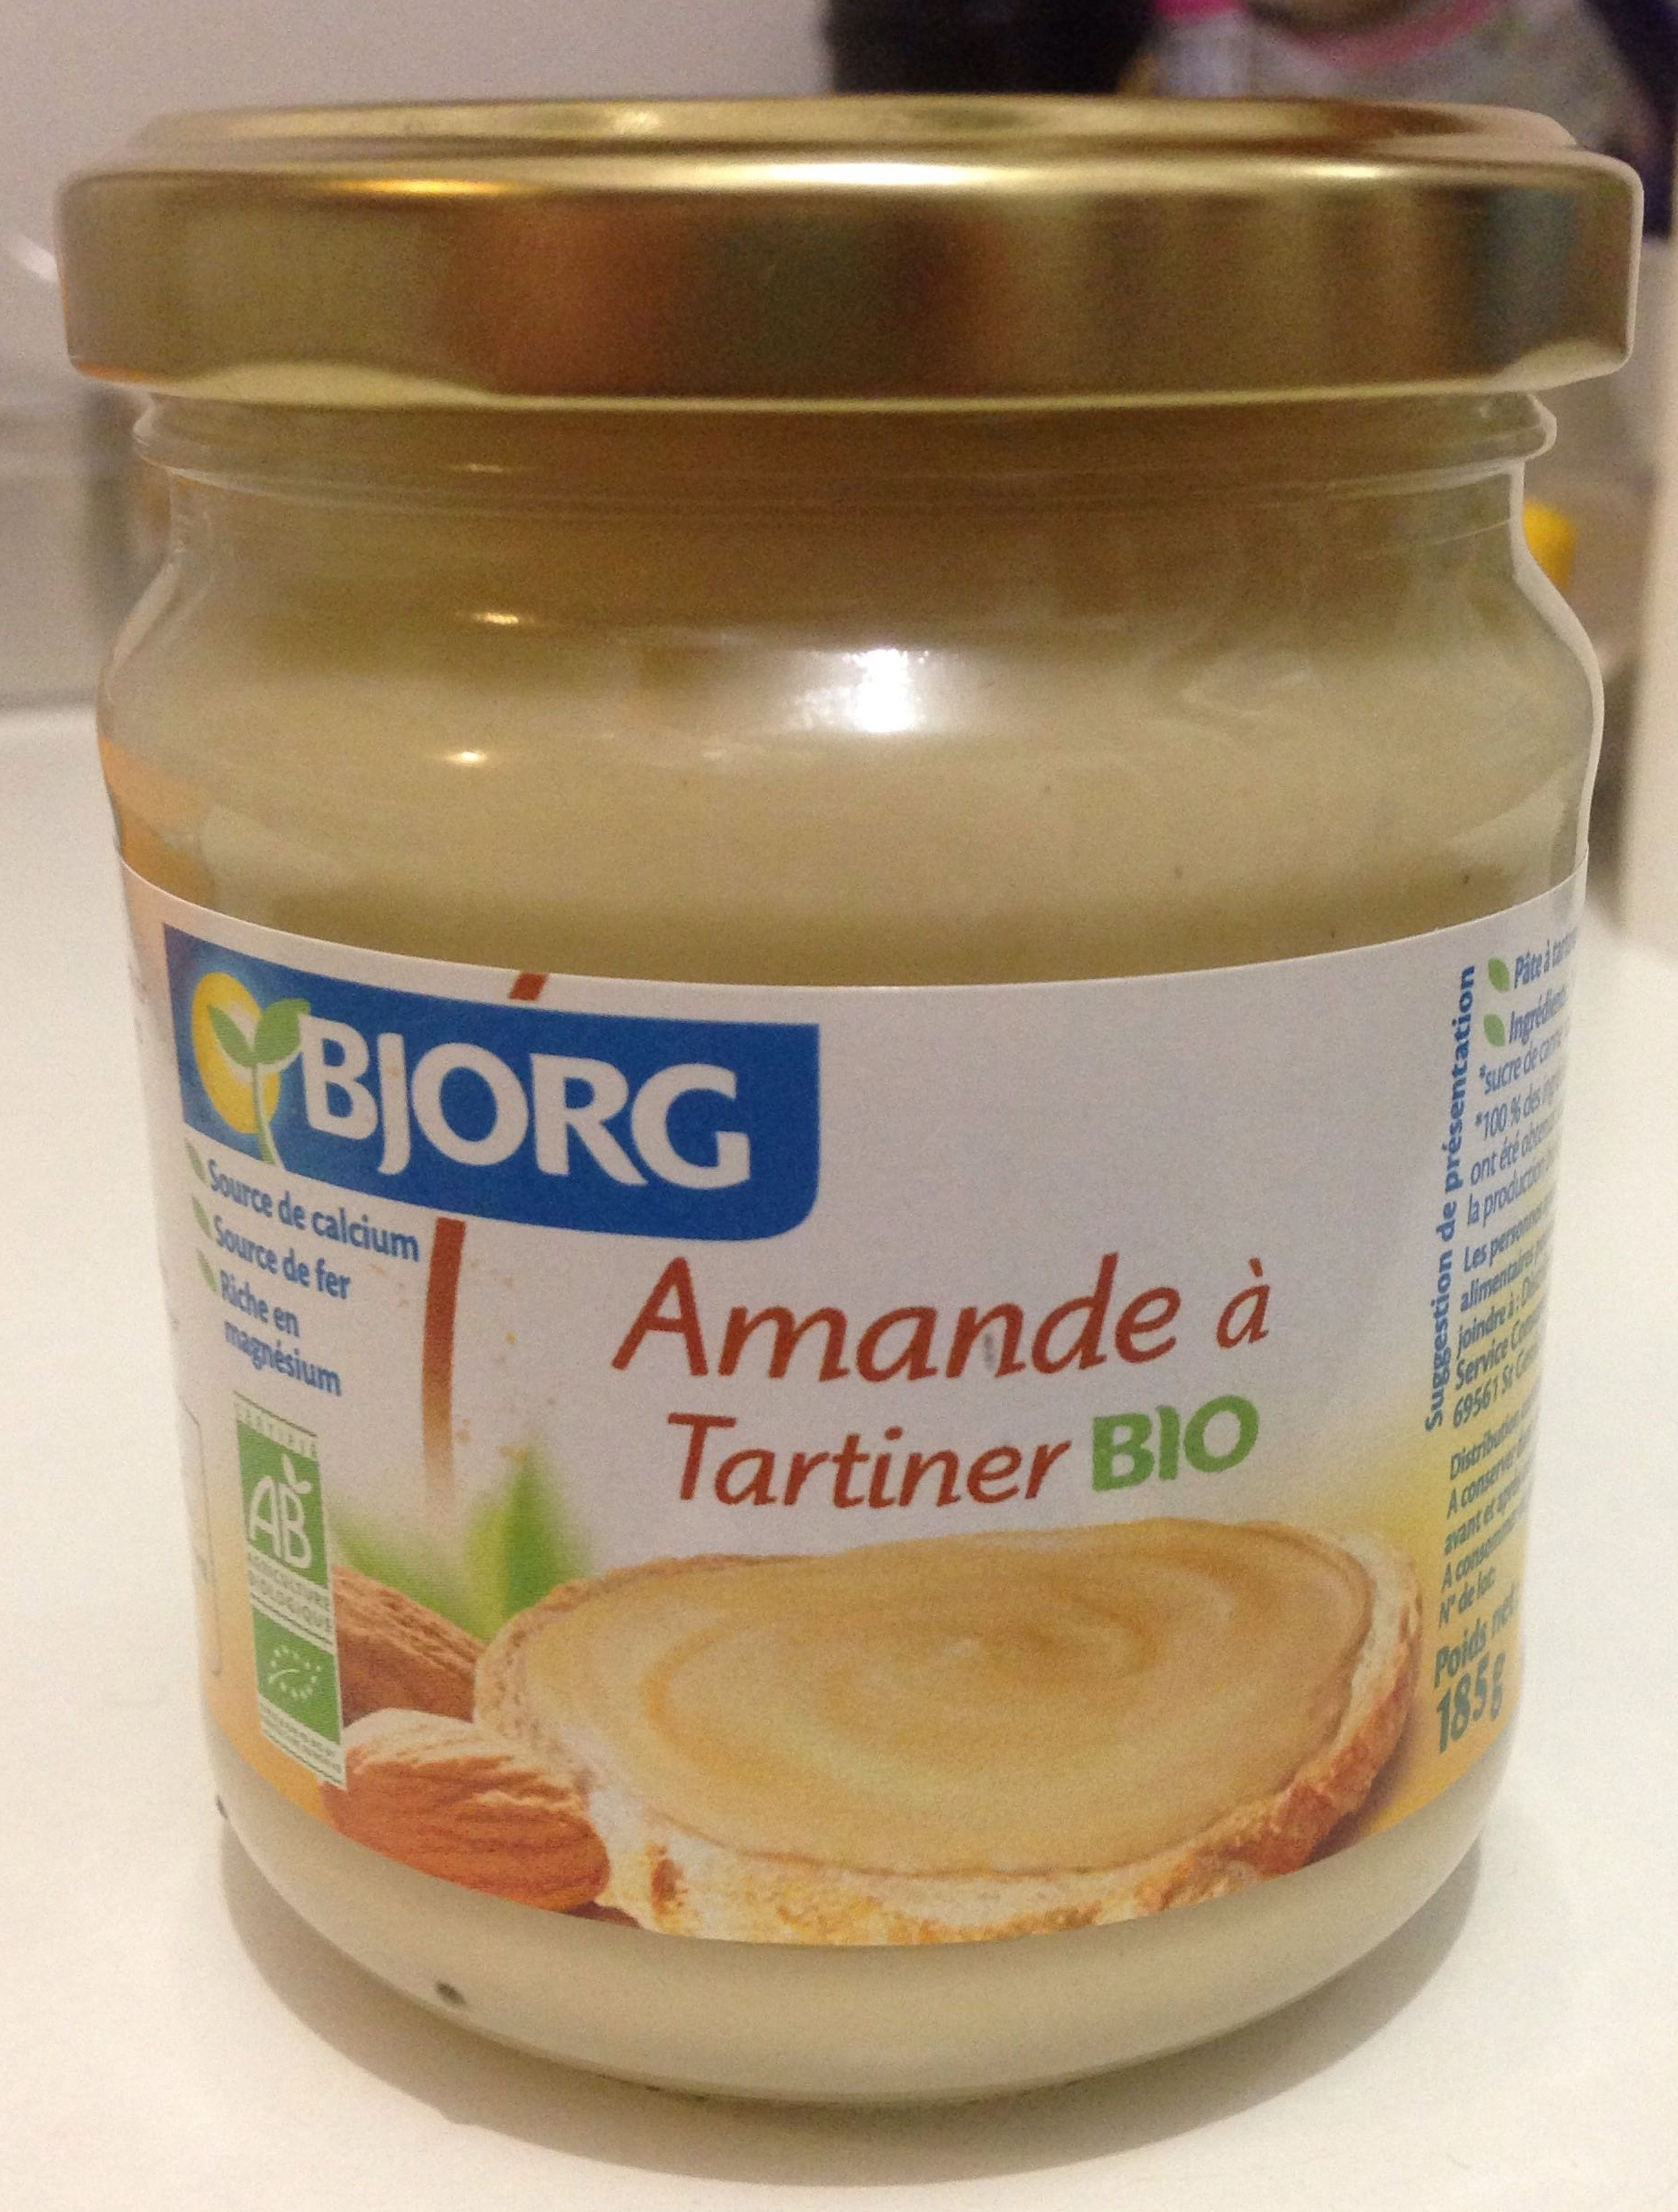 Amande tartiner bio bjorg 185 g for Amande cuisine bjorg